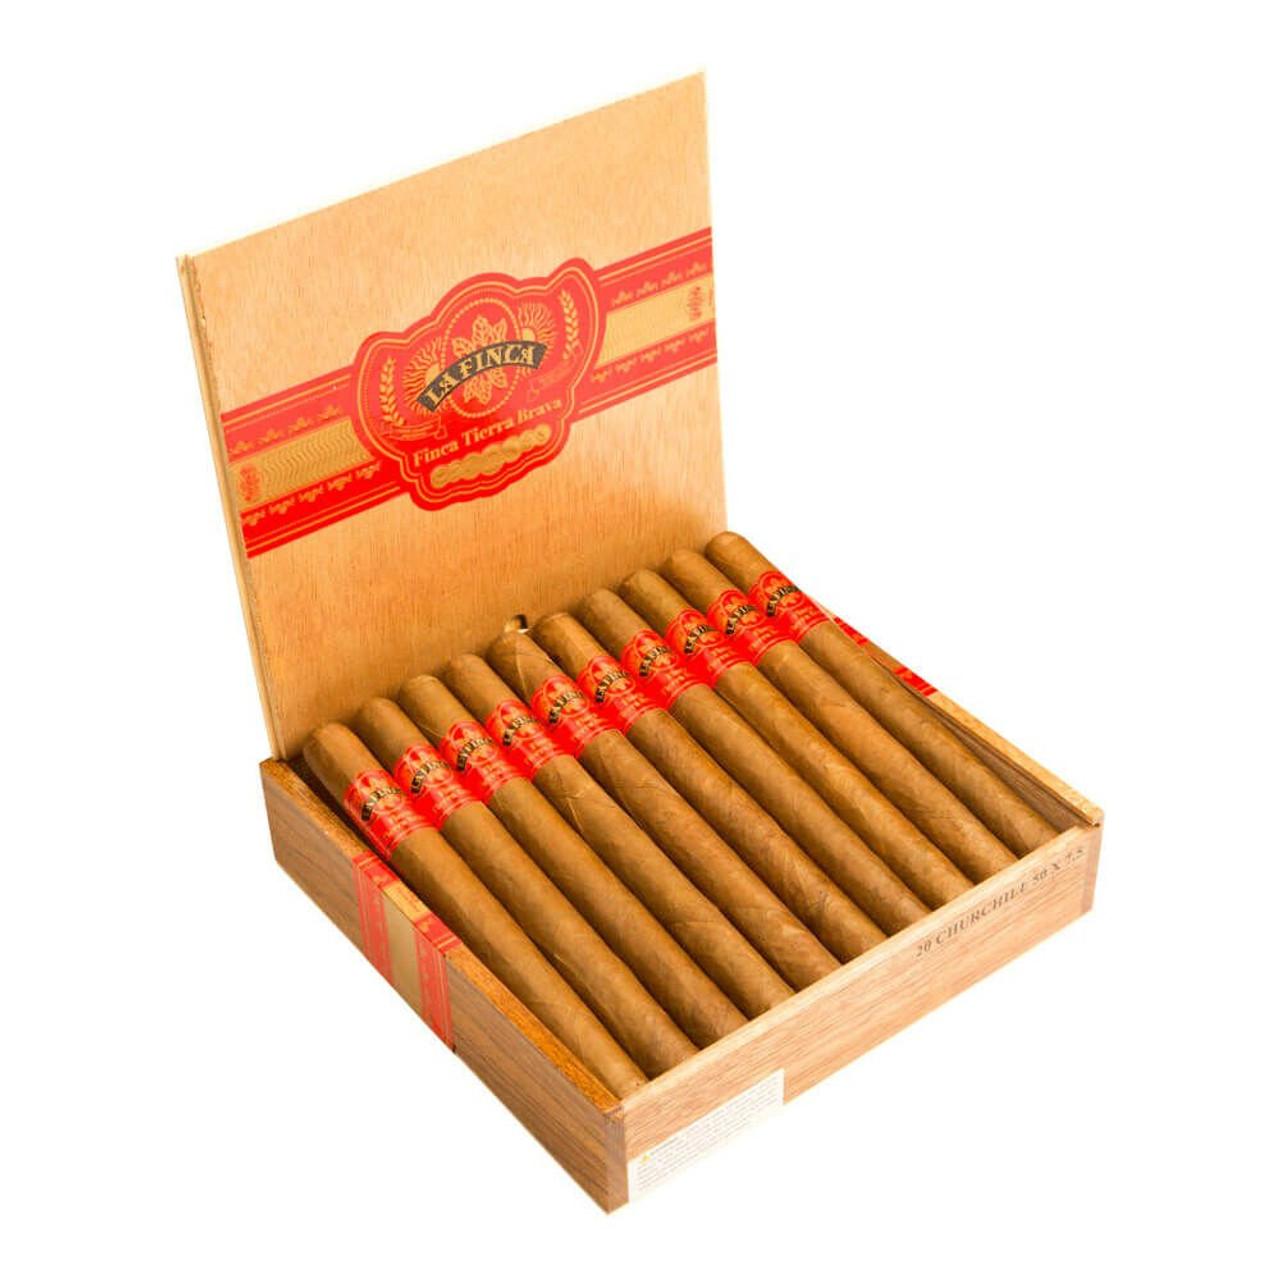 La Finca Tierra Brava Robusto Cigars - 5 x 50 (Box of 20)